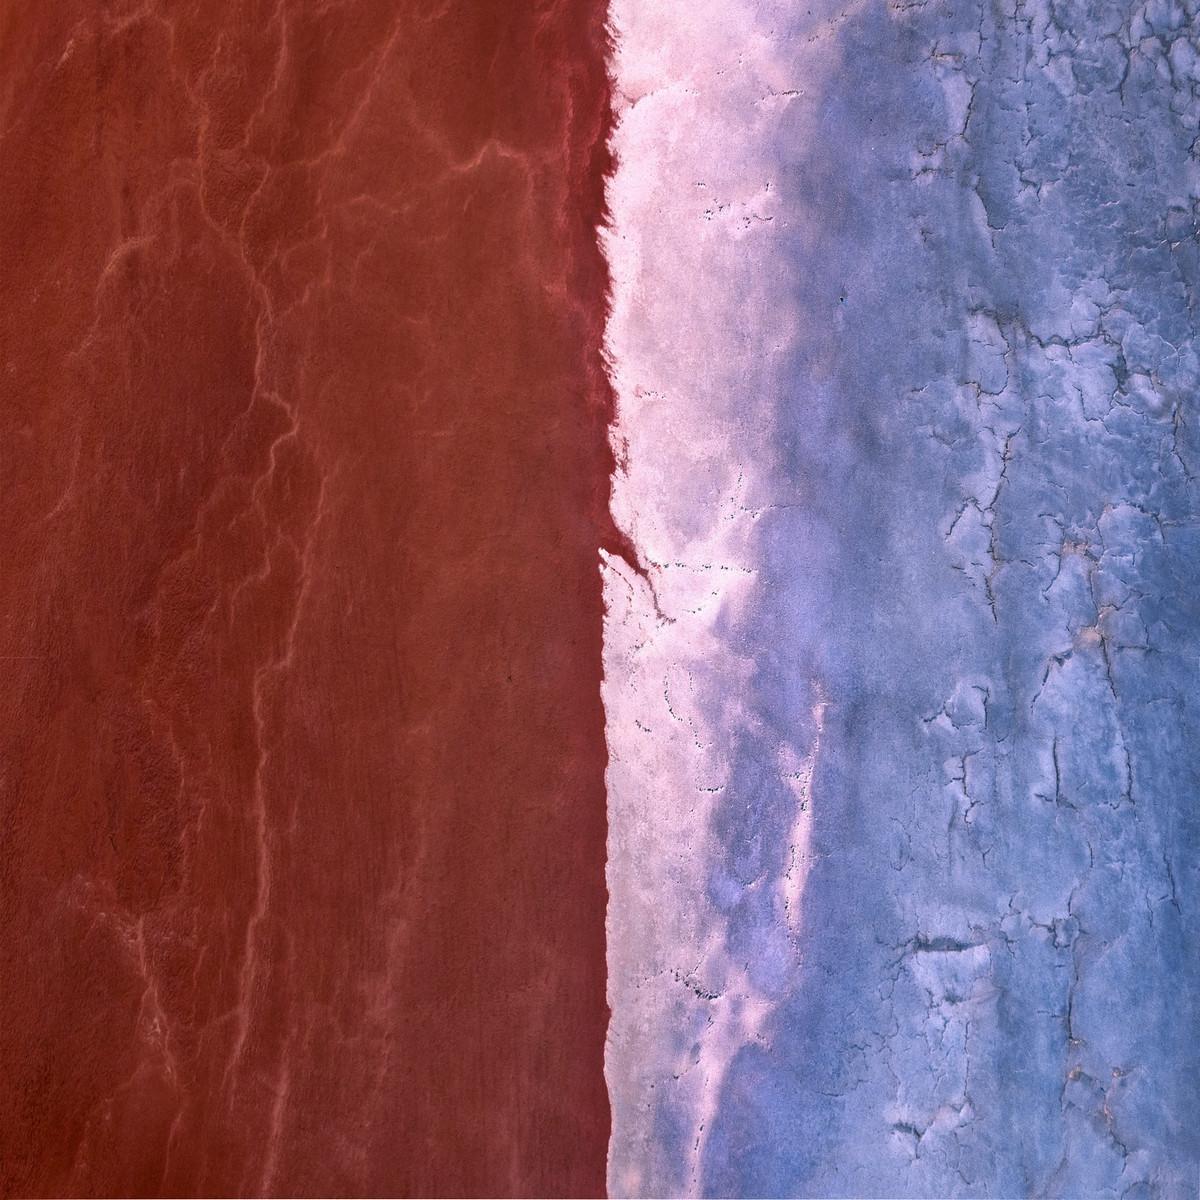 Озеро Эйр в аэрофотографиях 17